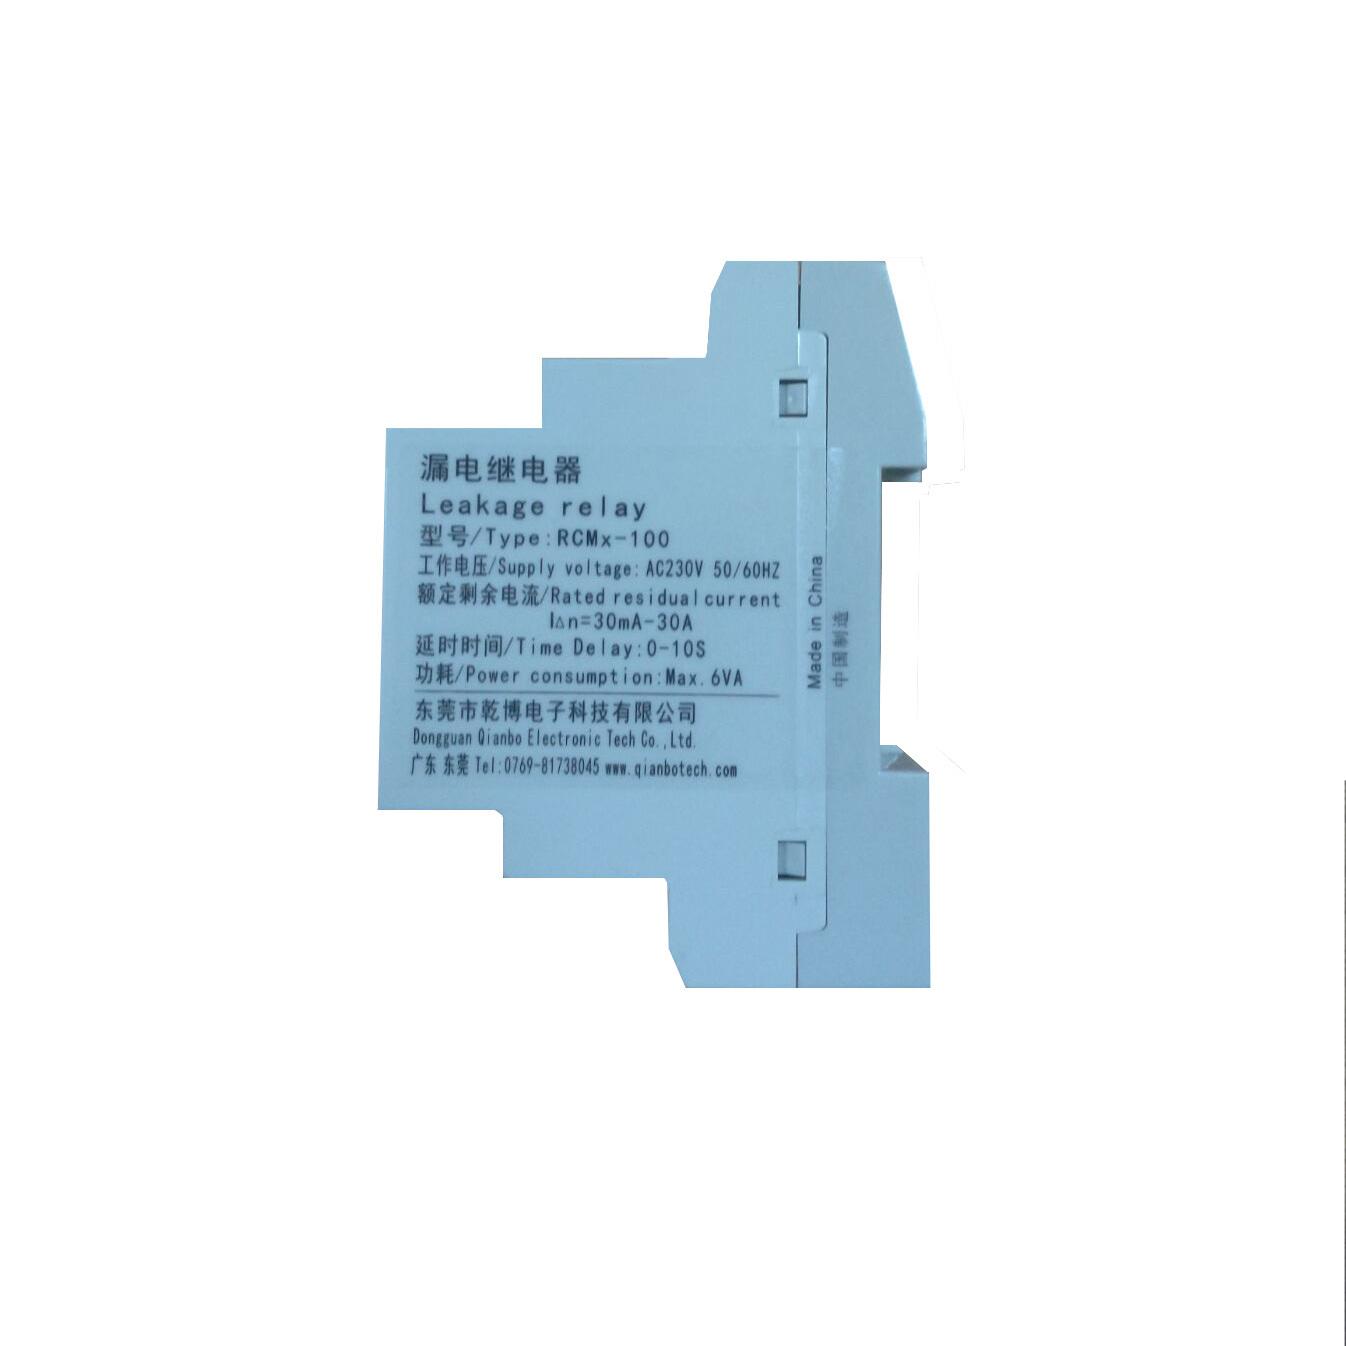 广东深圳RCMx-100A型剩余电流保护器产品批发